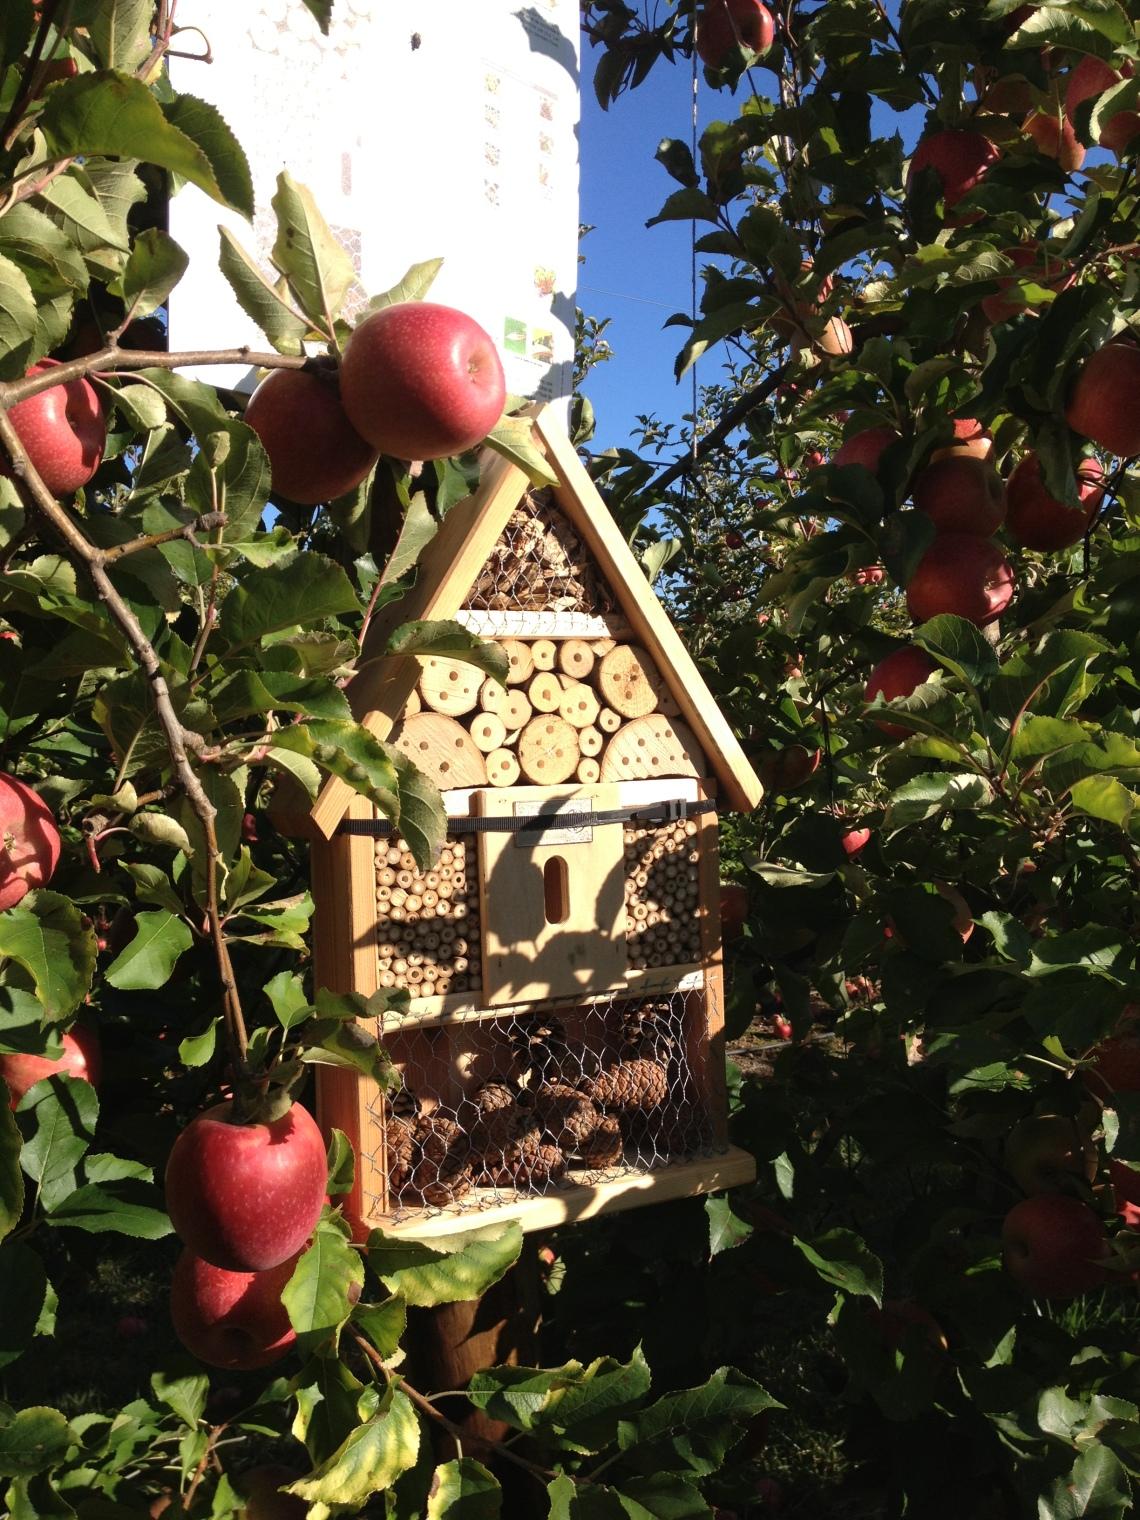 La maison des insectes, ici pas d'insecticide : on est en agriculture raisonnée